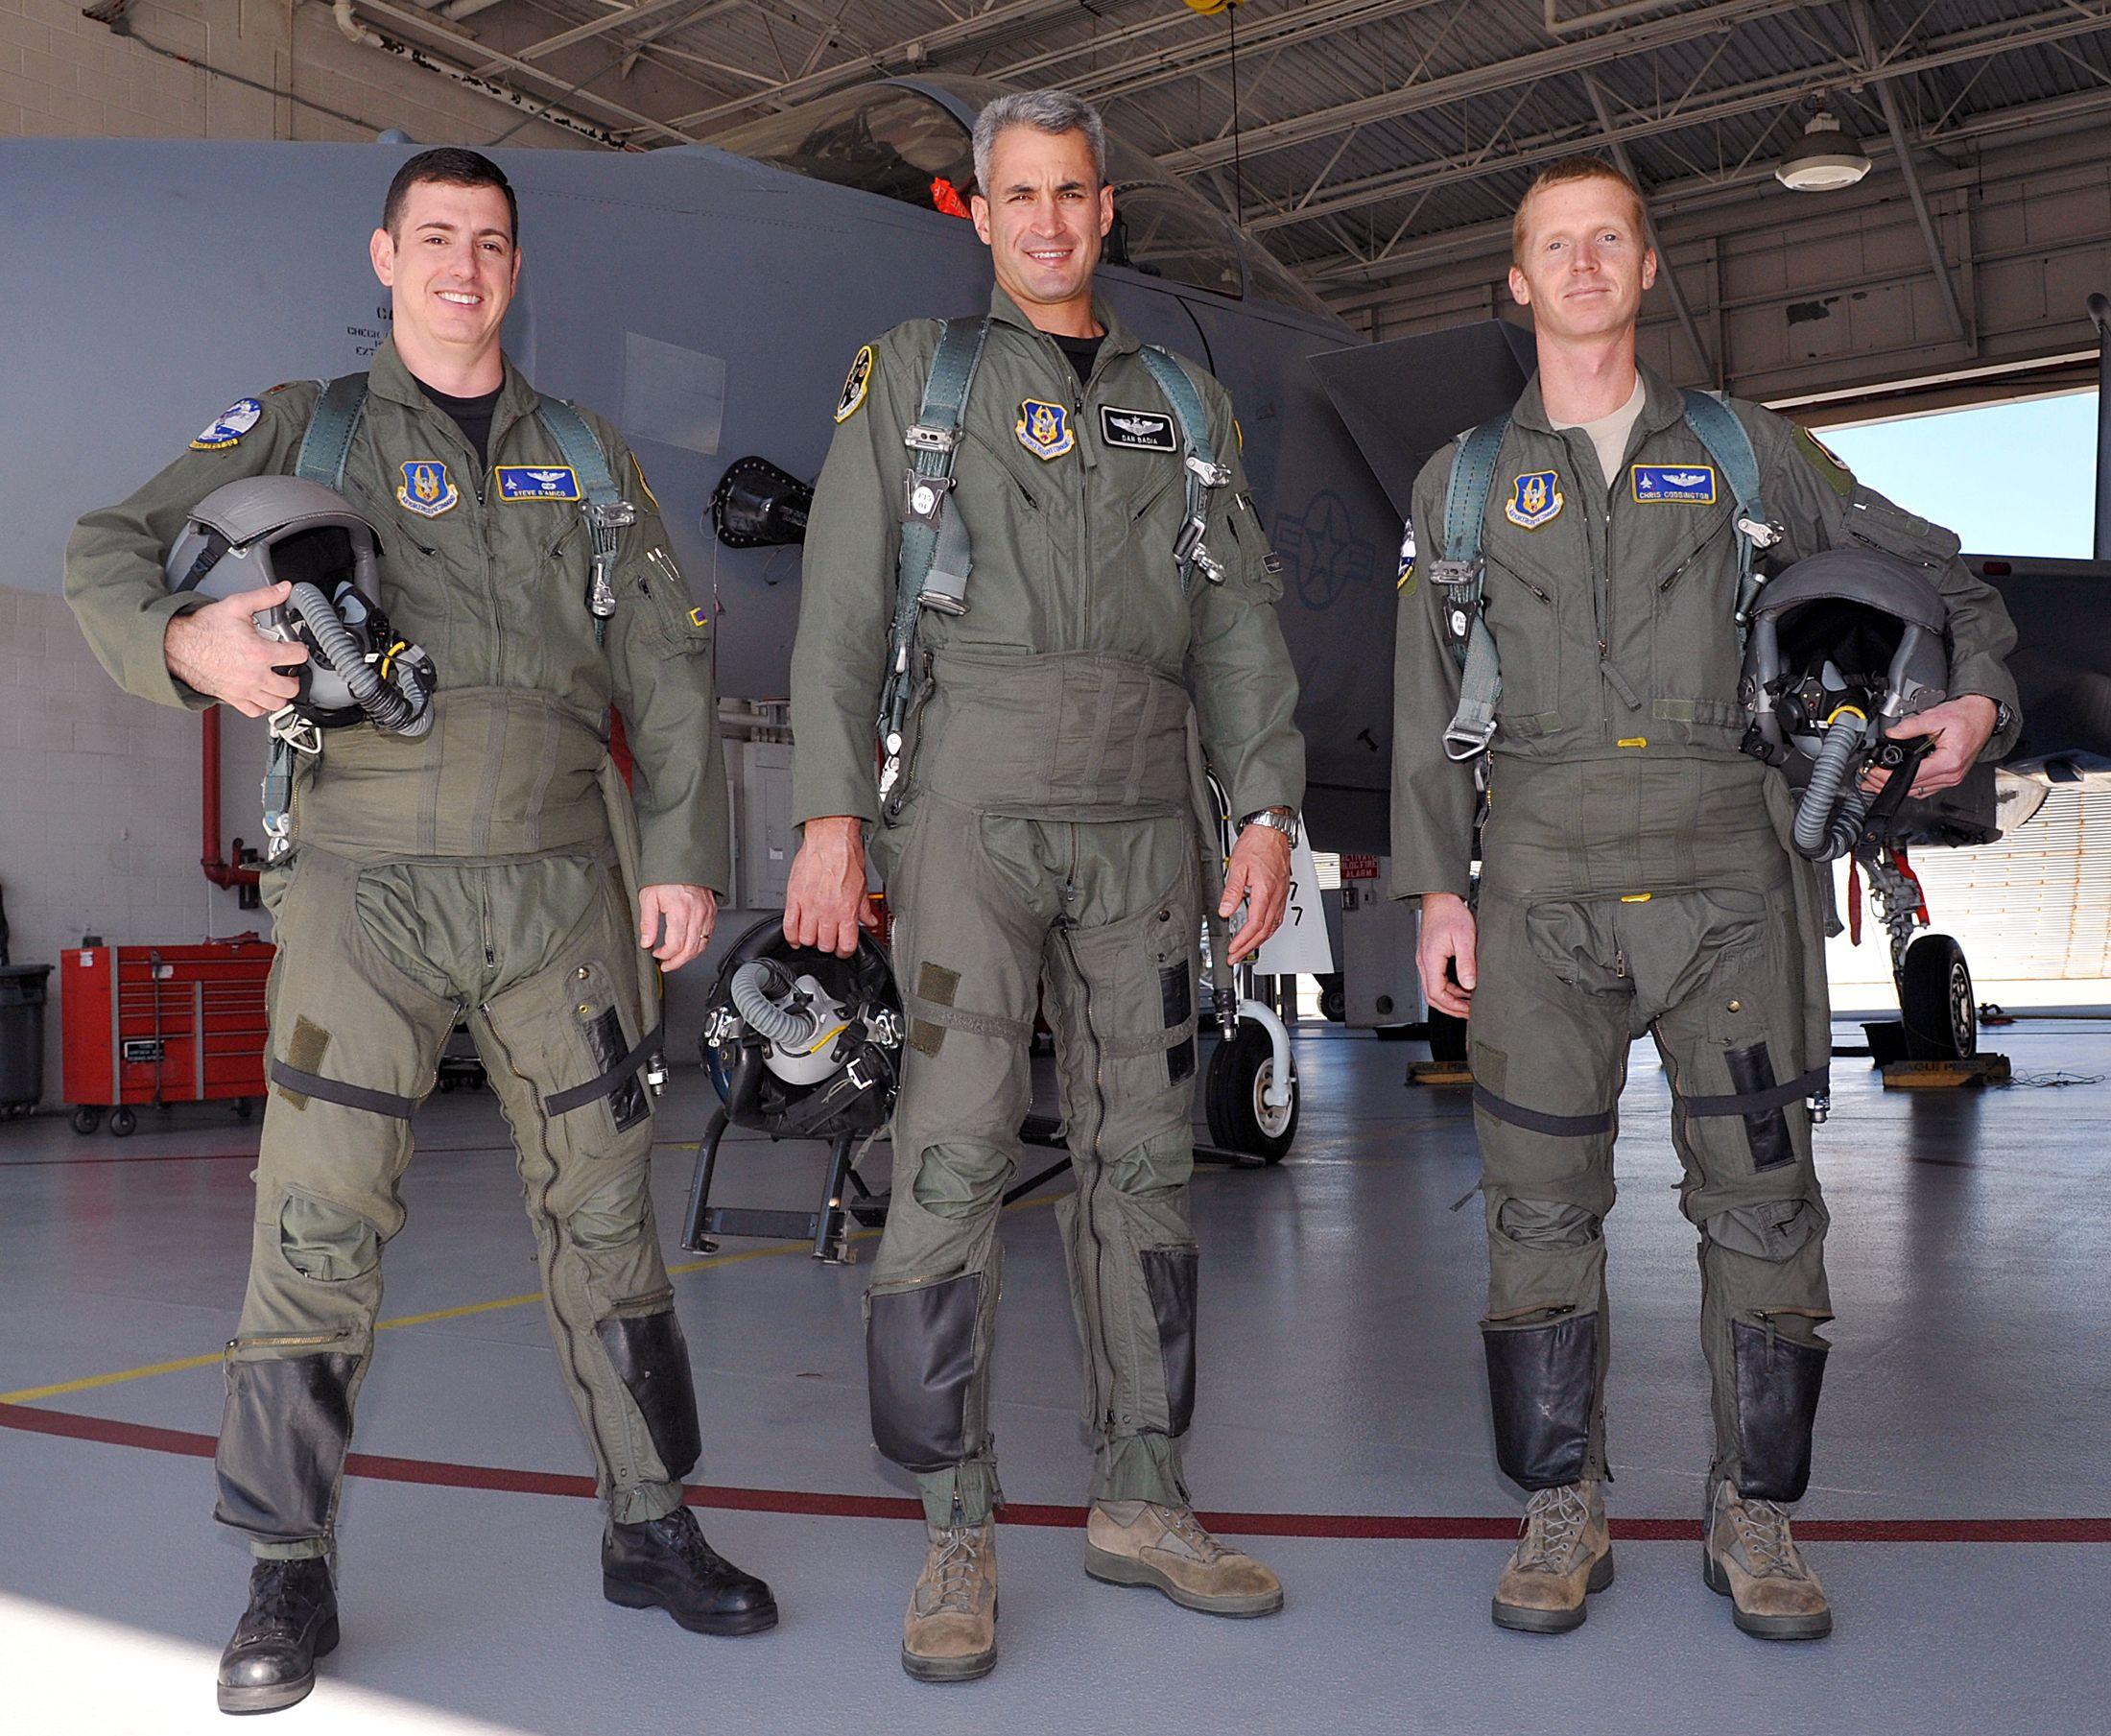 дубль был военно авиационная одежда фото остекления